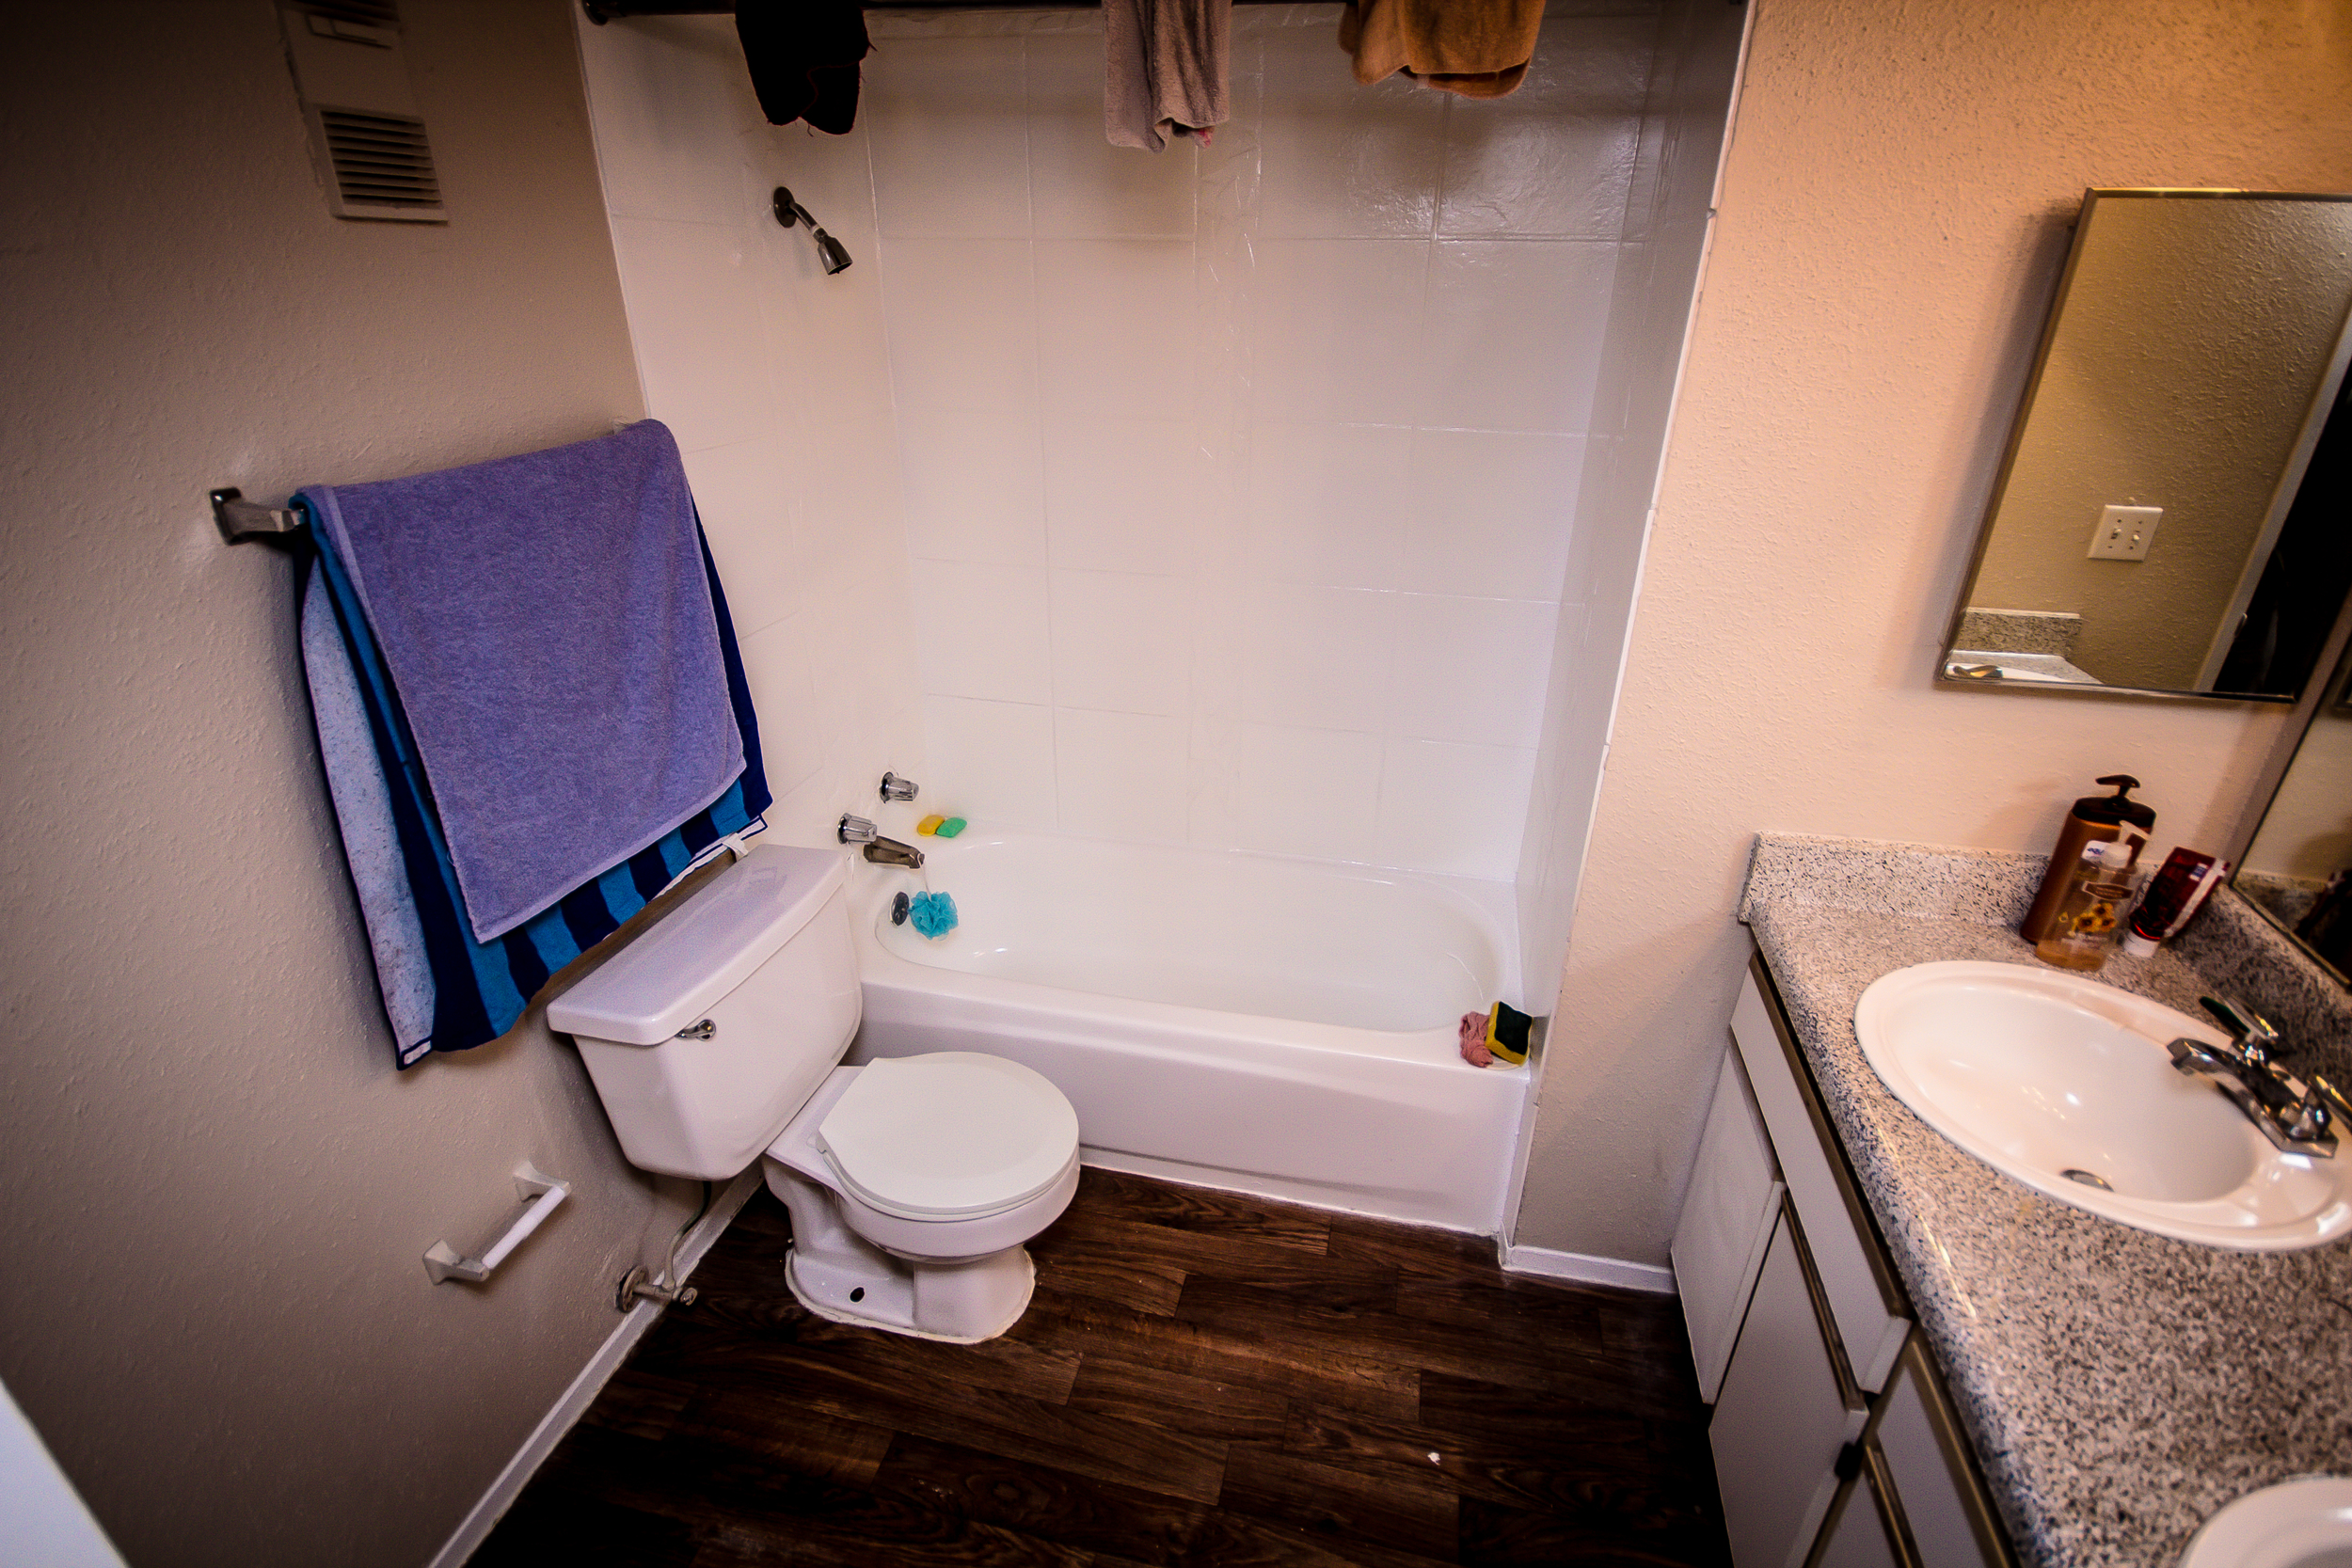 Upstairs Bathroom - Before